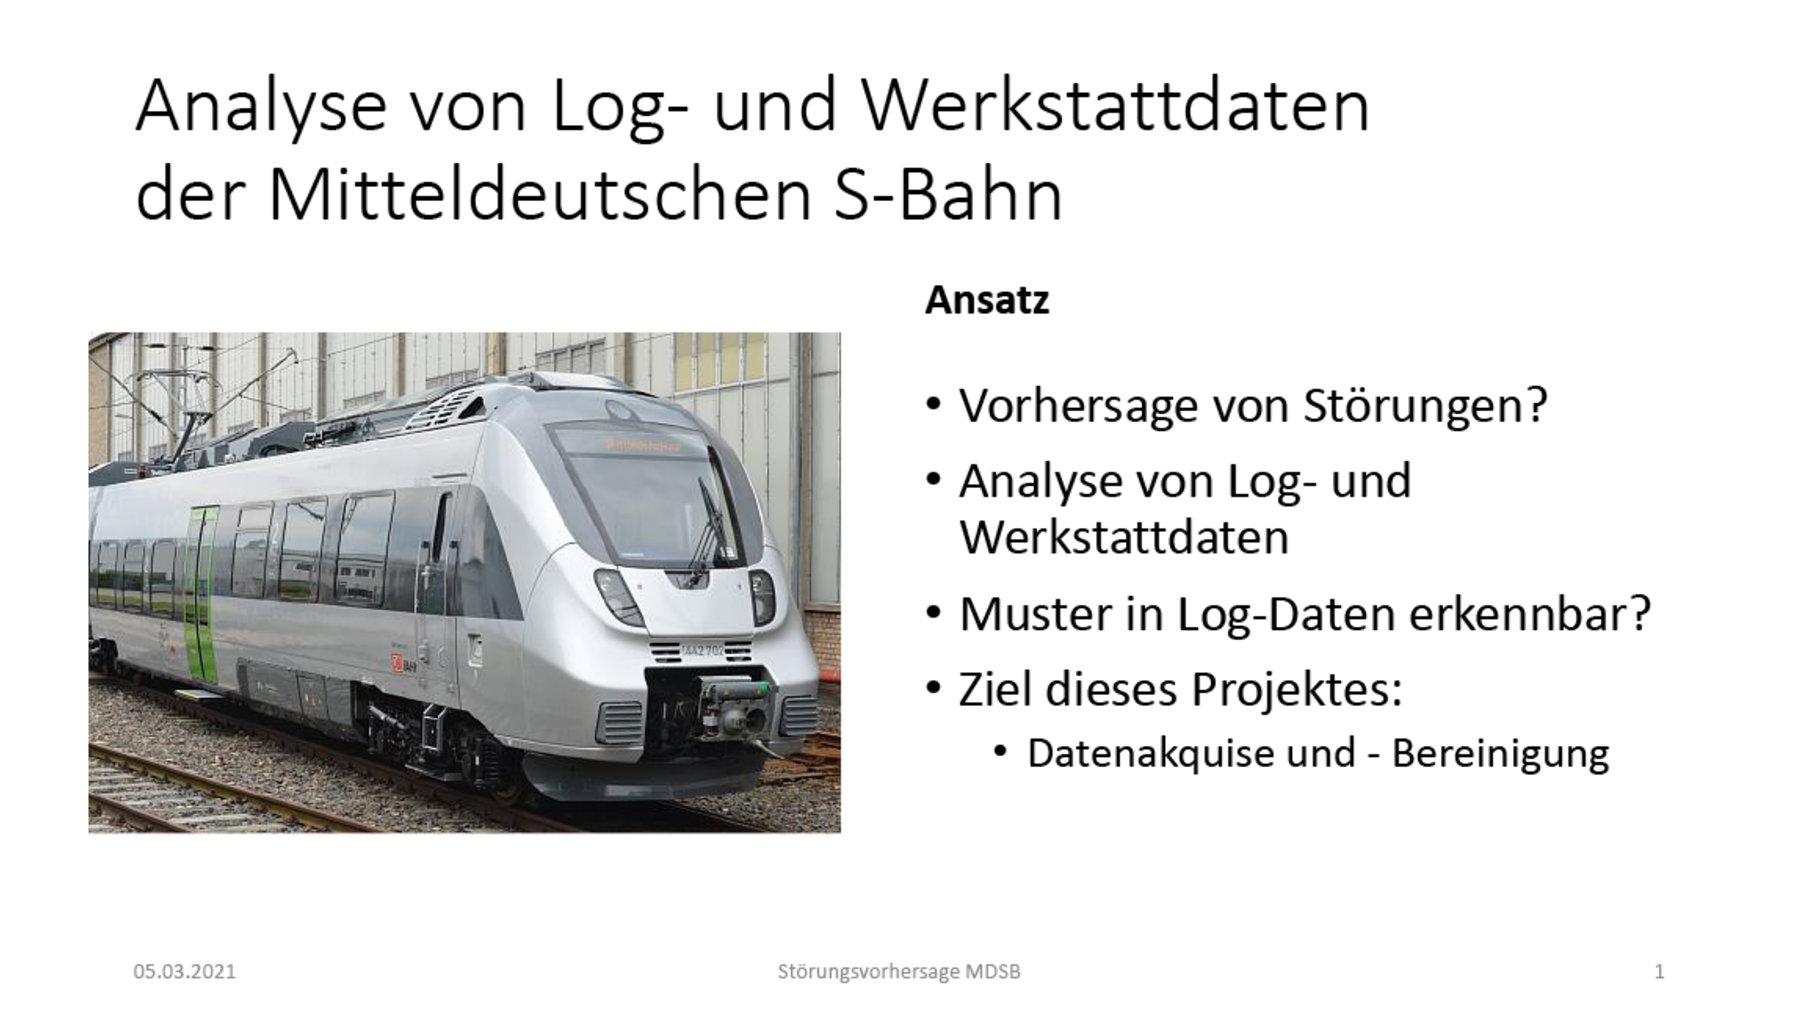 Folien-Screenshot mit dem Bild einer S-Bahn von Bombardier und Text